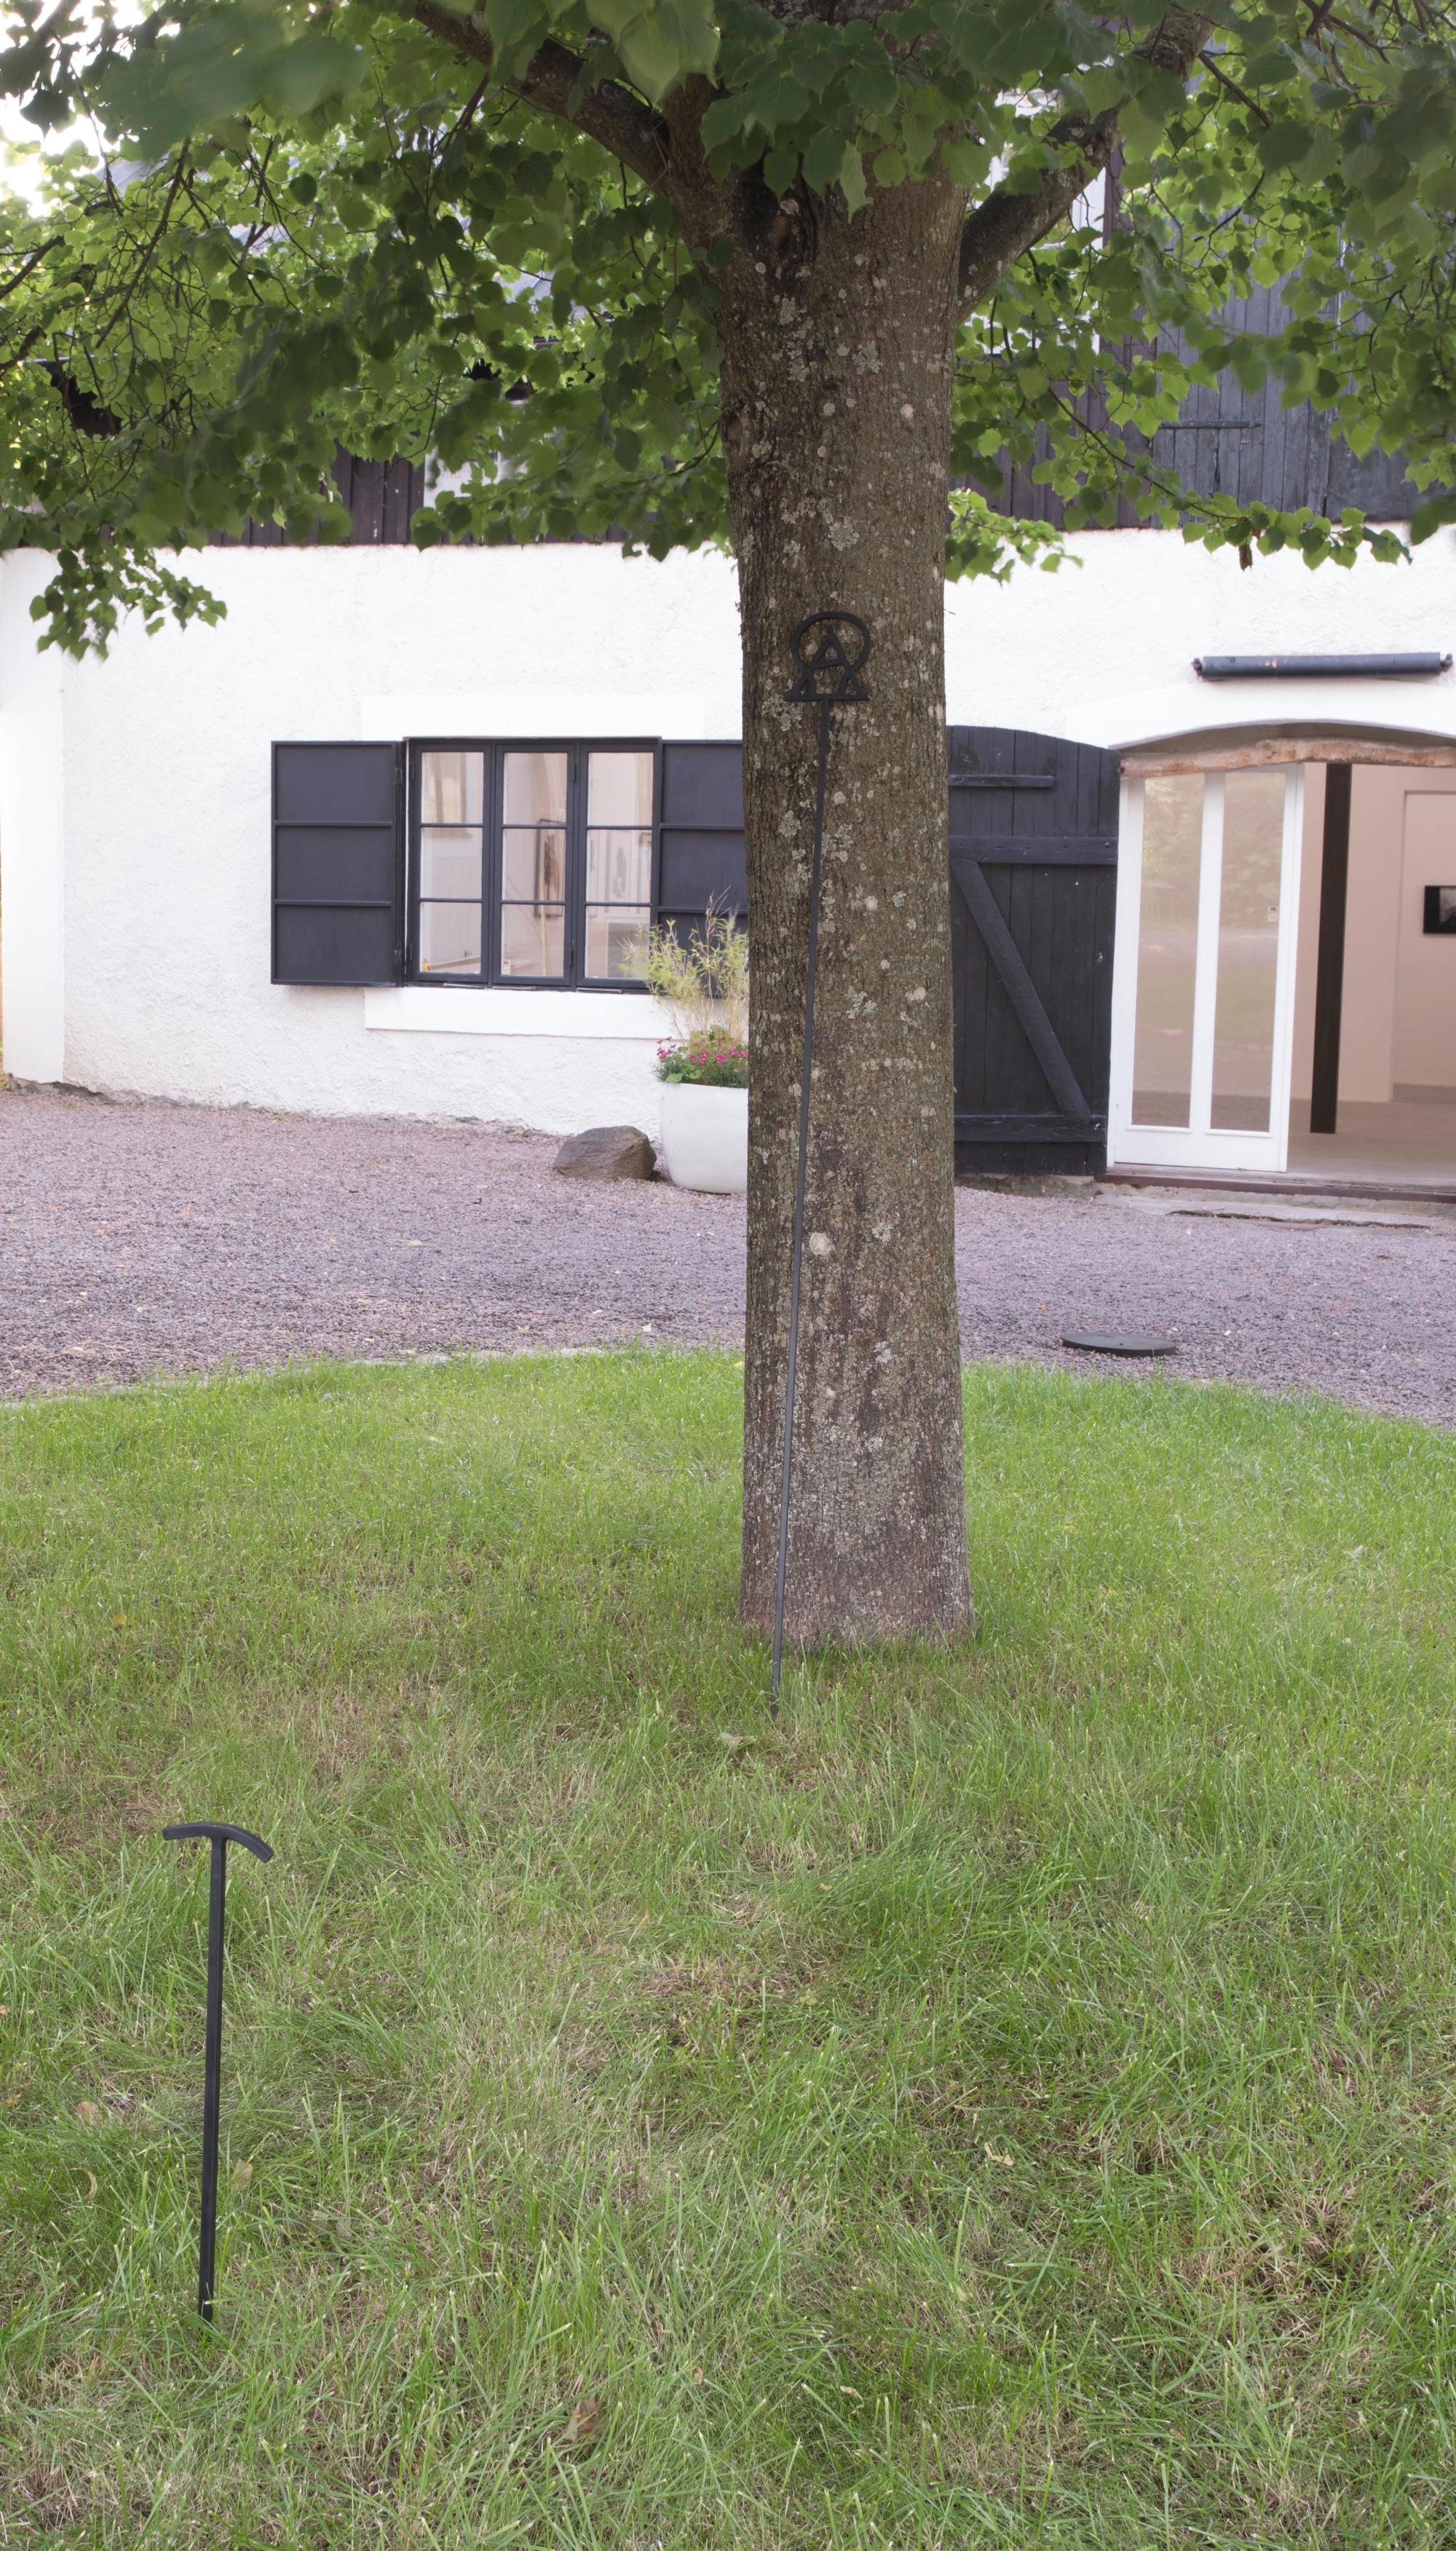 - David SvenssonAlltings början och alltings slut, 2019, järnDavid Svensson är född 1973 i Skillingaryd och bor och arbetar i Malmö. År 2000 gick han ut Malmö Konsthögskola.